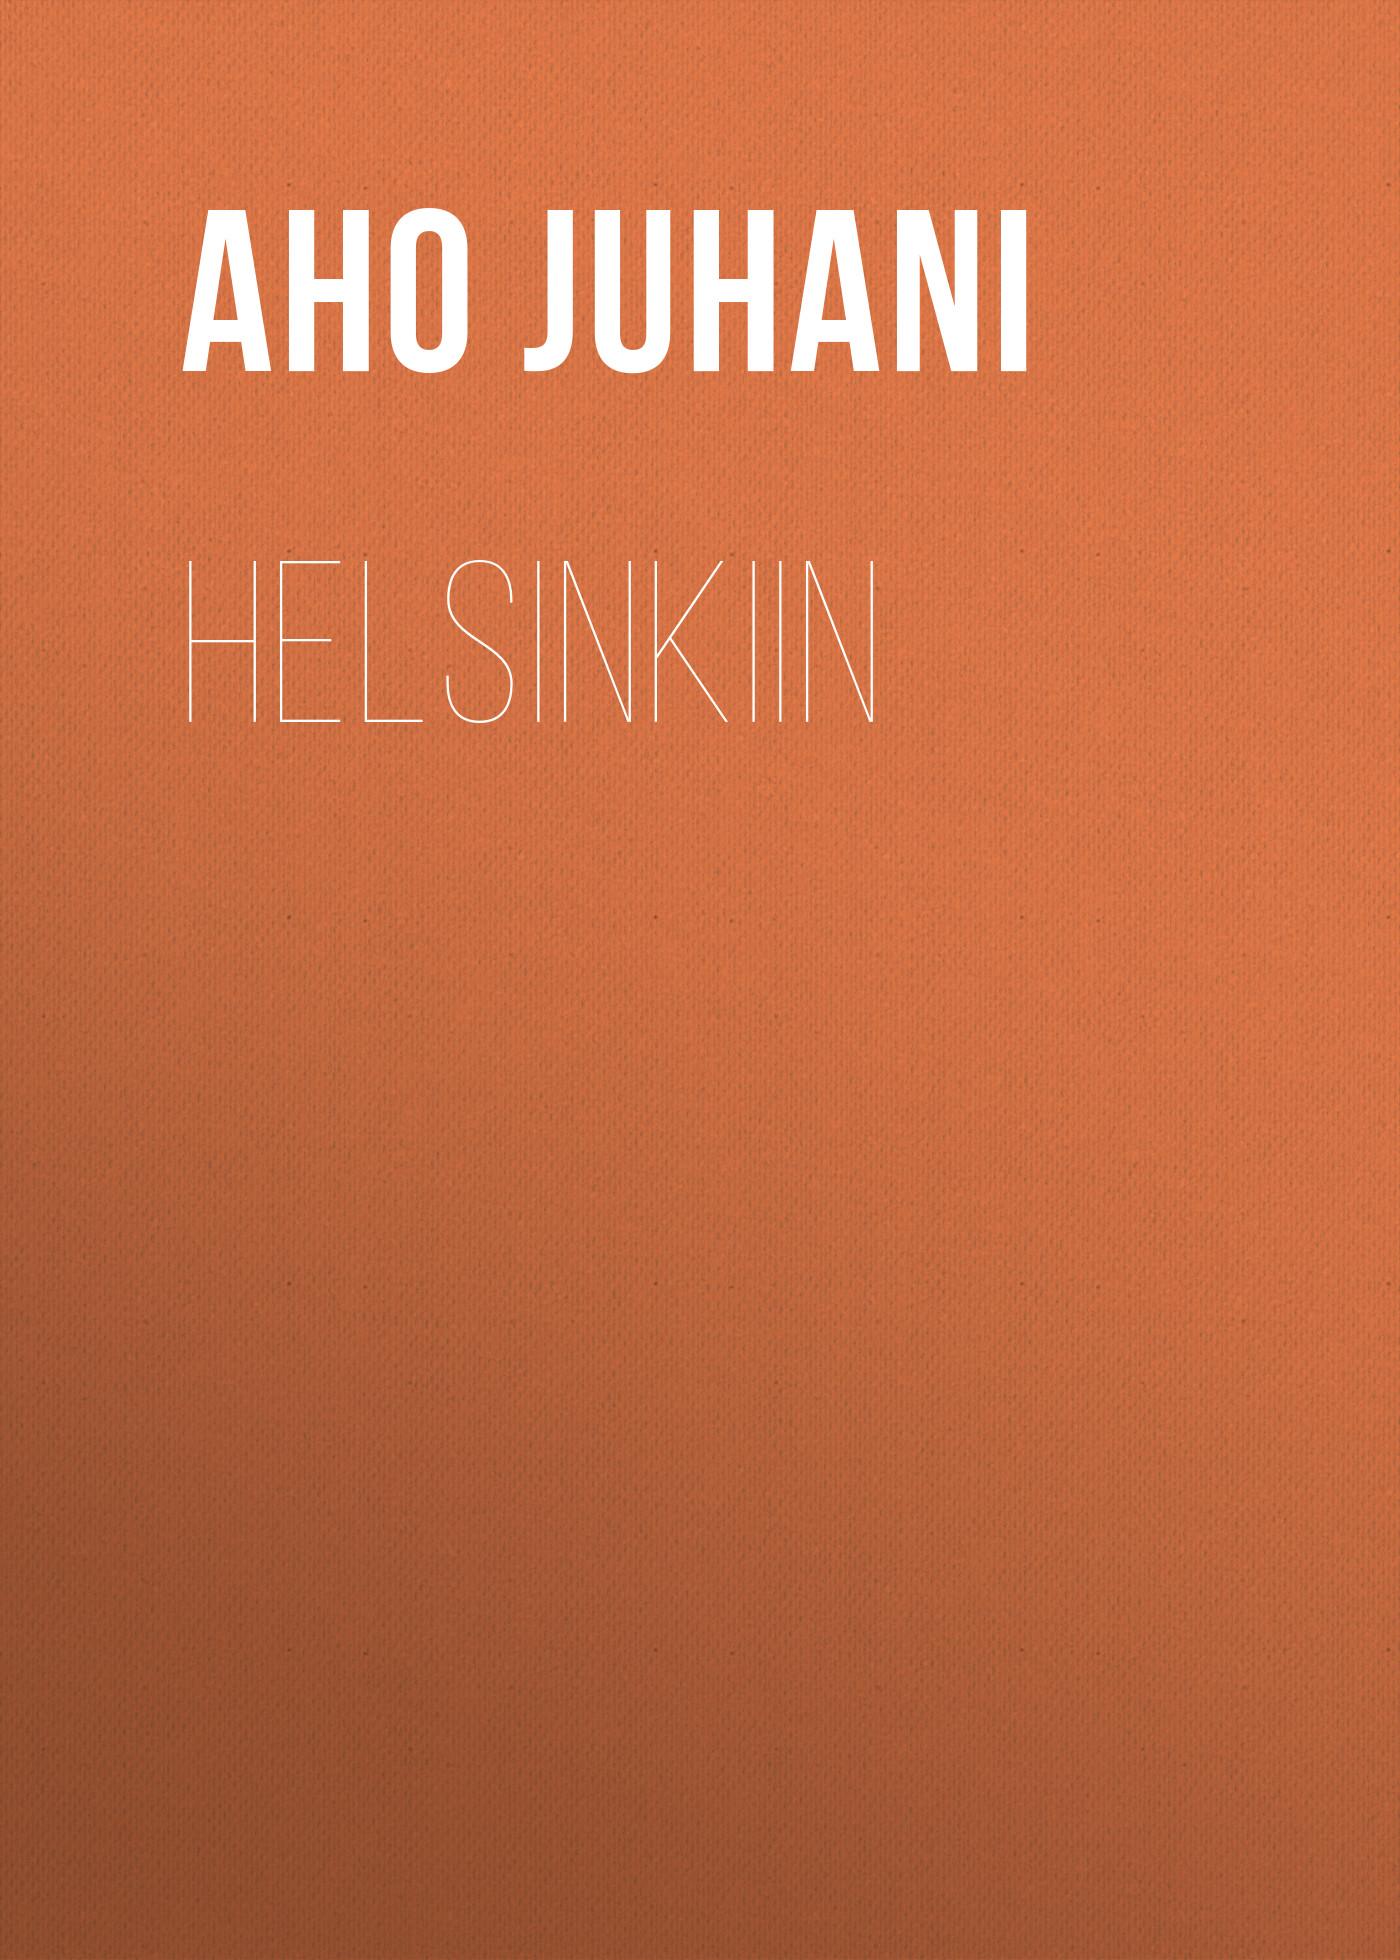 Aho Juhani Helsinkiin